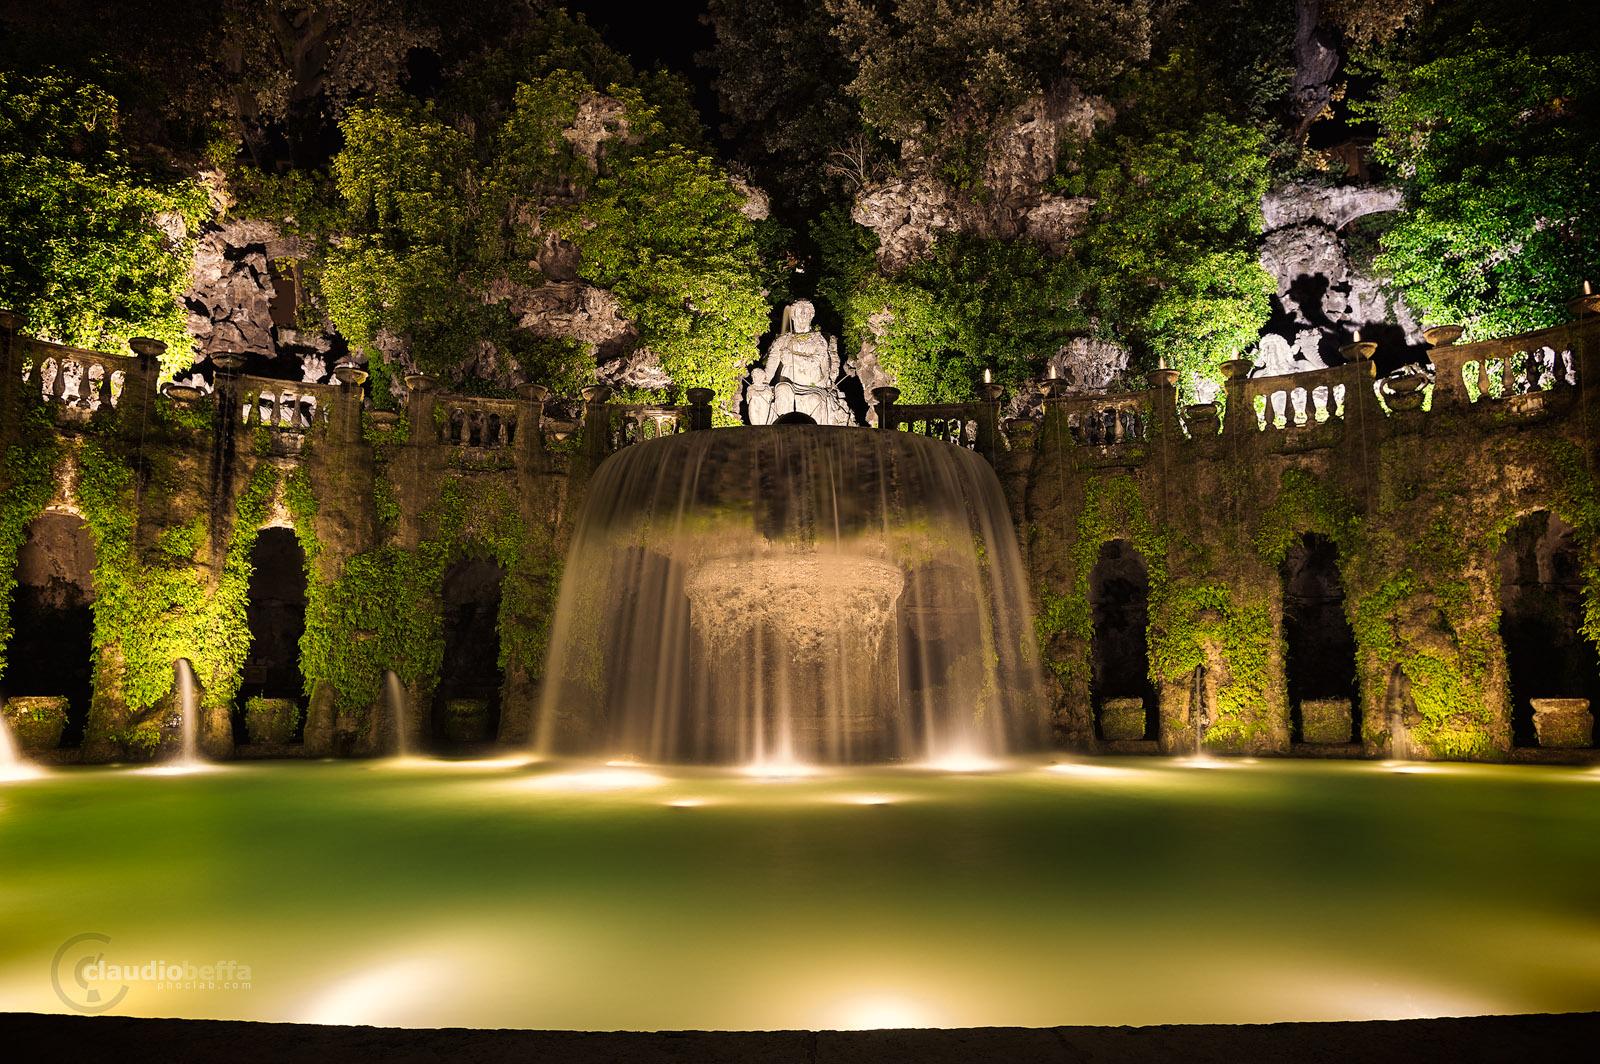 Queen, Fountain, Oval, Villa d'Este, Garden, Tivoli, Italy